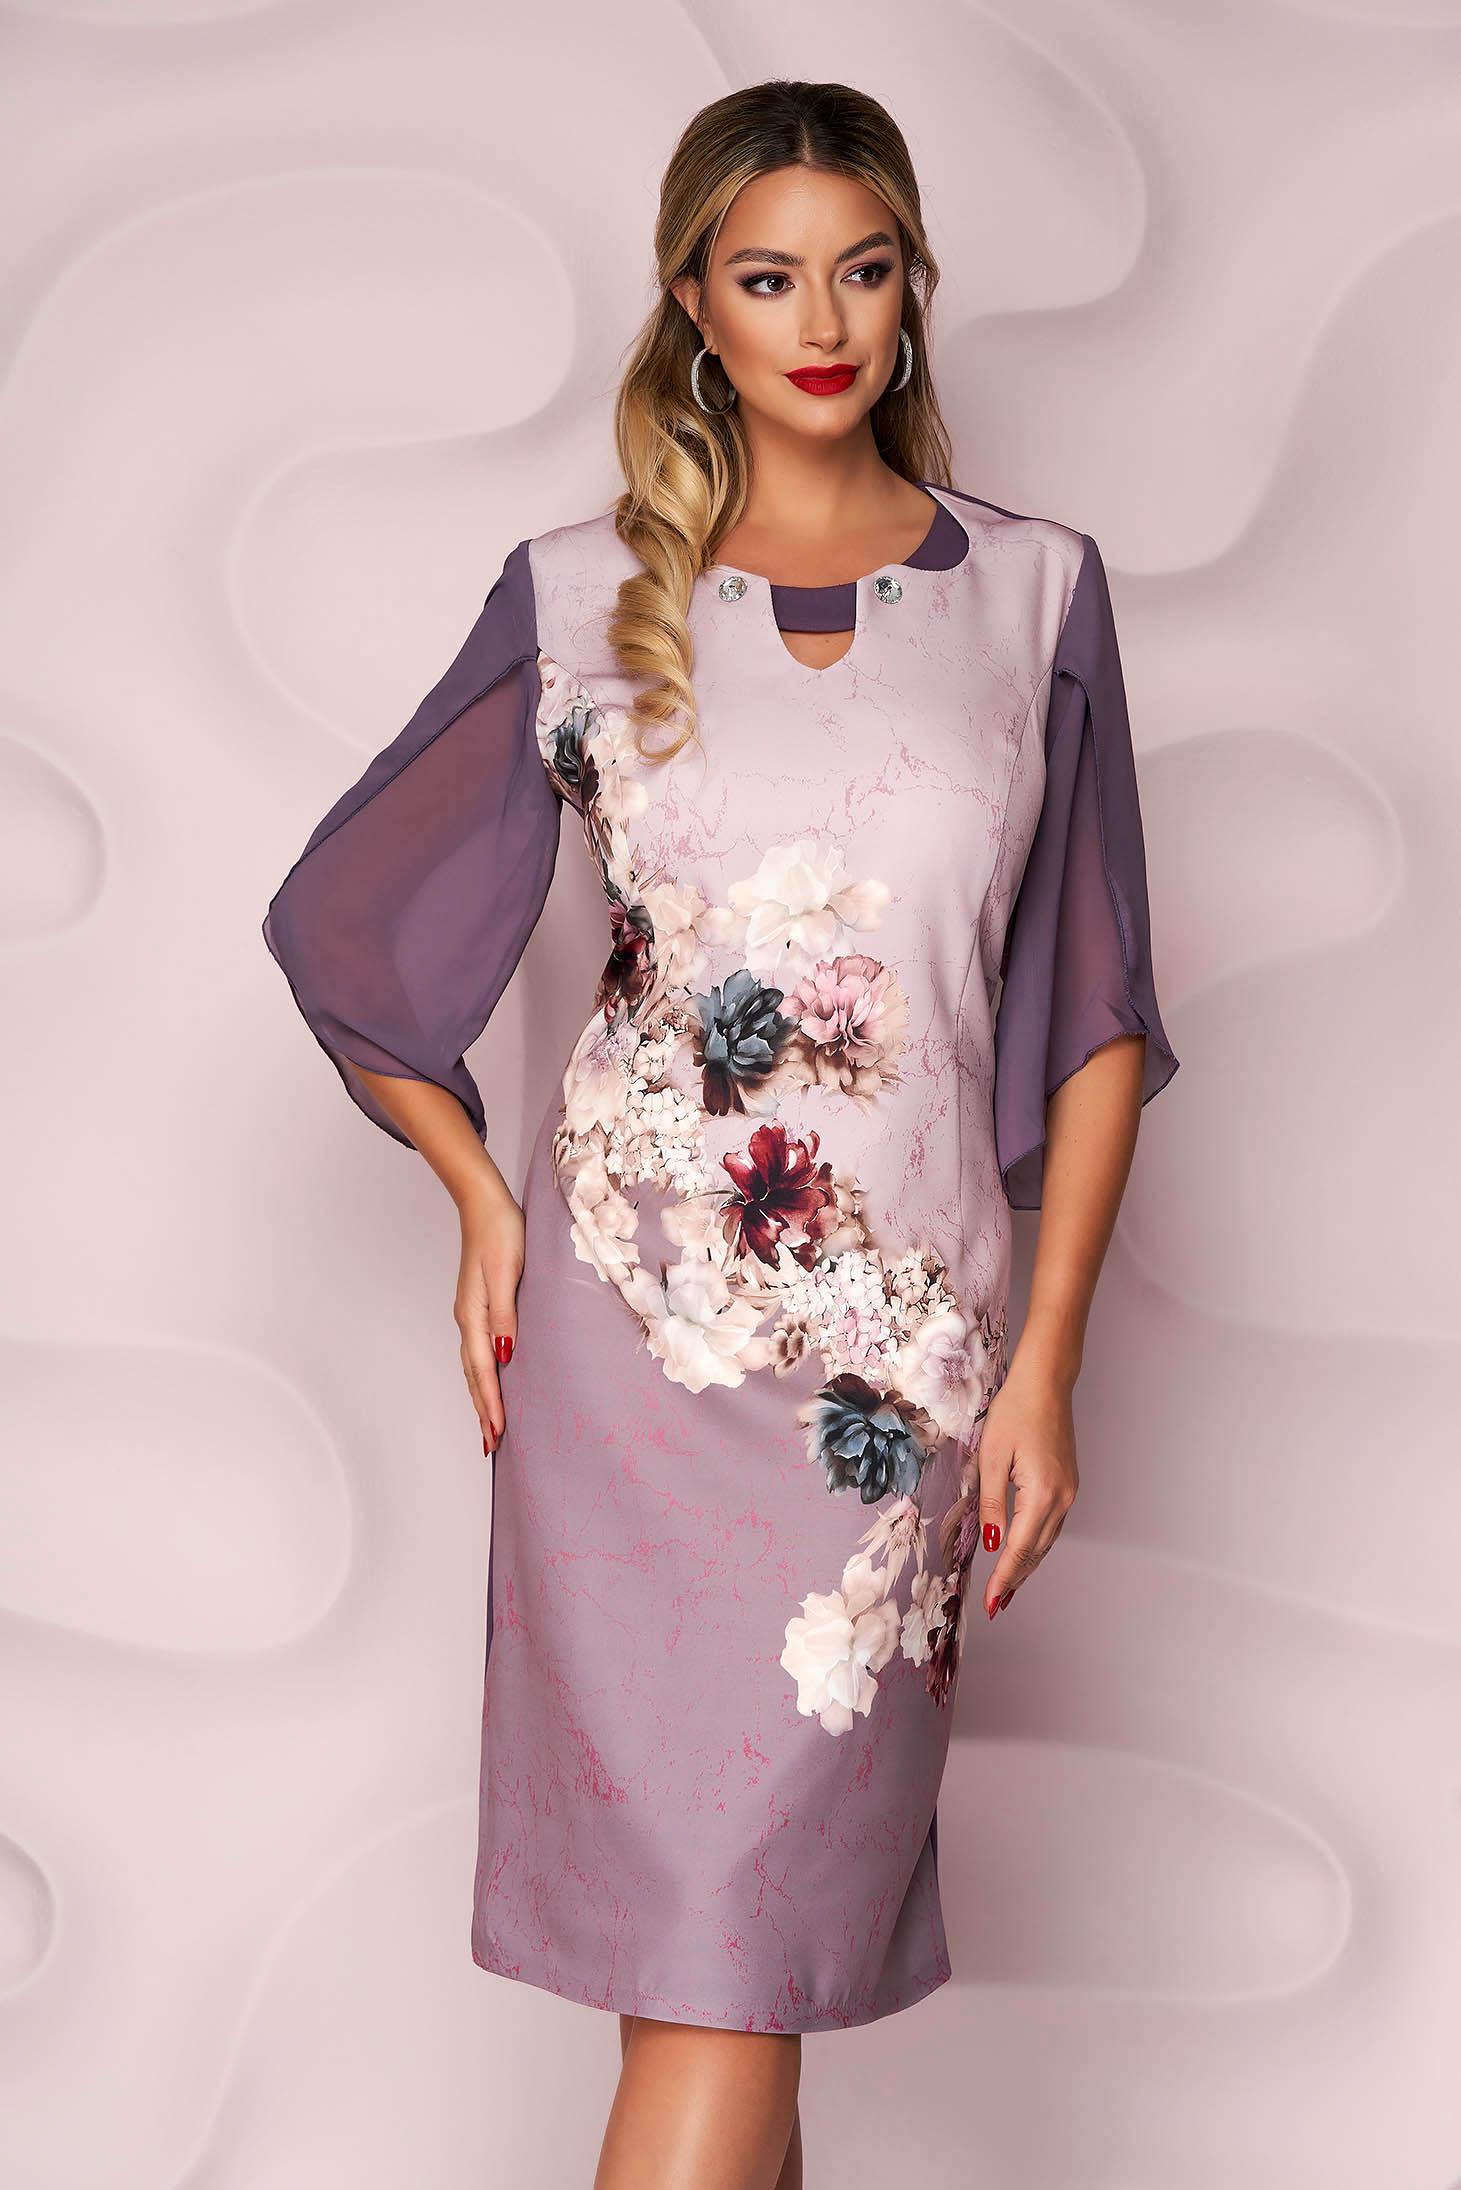 Lila alkalmi midi ceruza ruha virágmintás rugalmas anyagból szivacsos vállrésszel